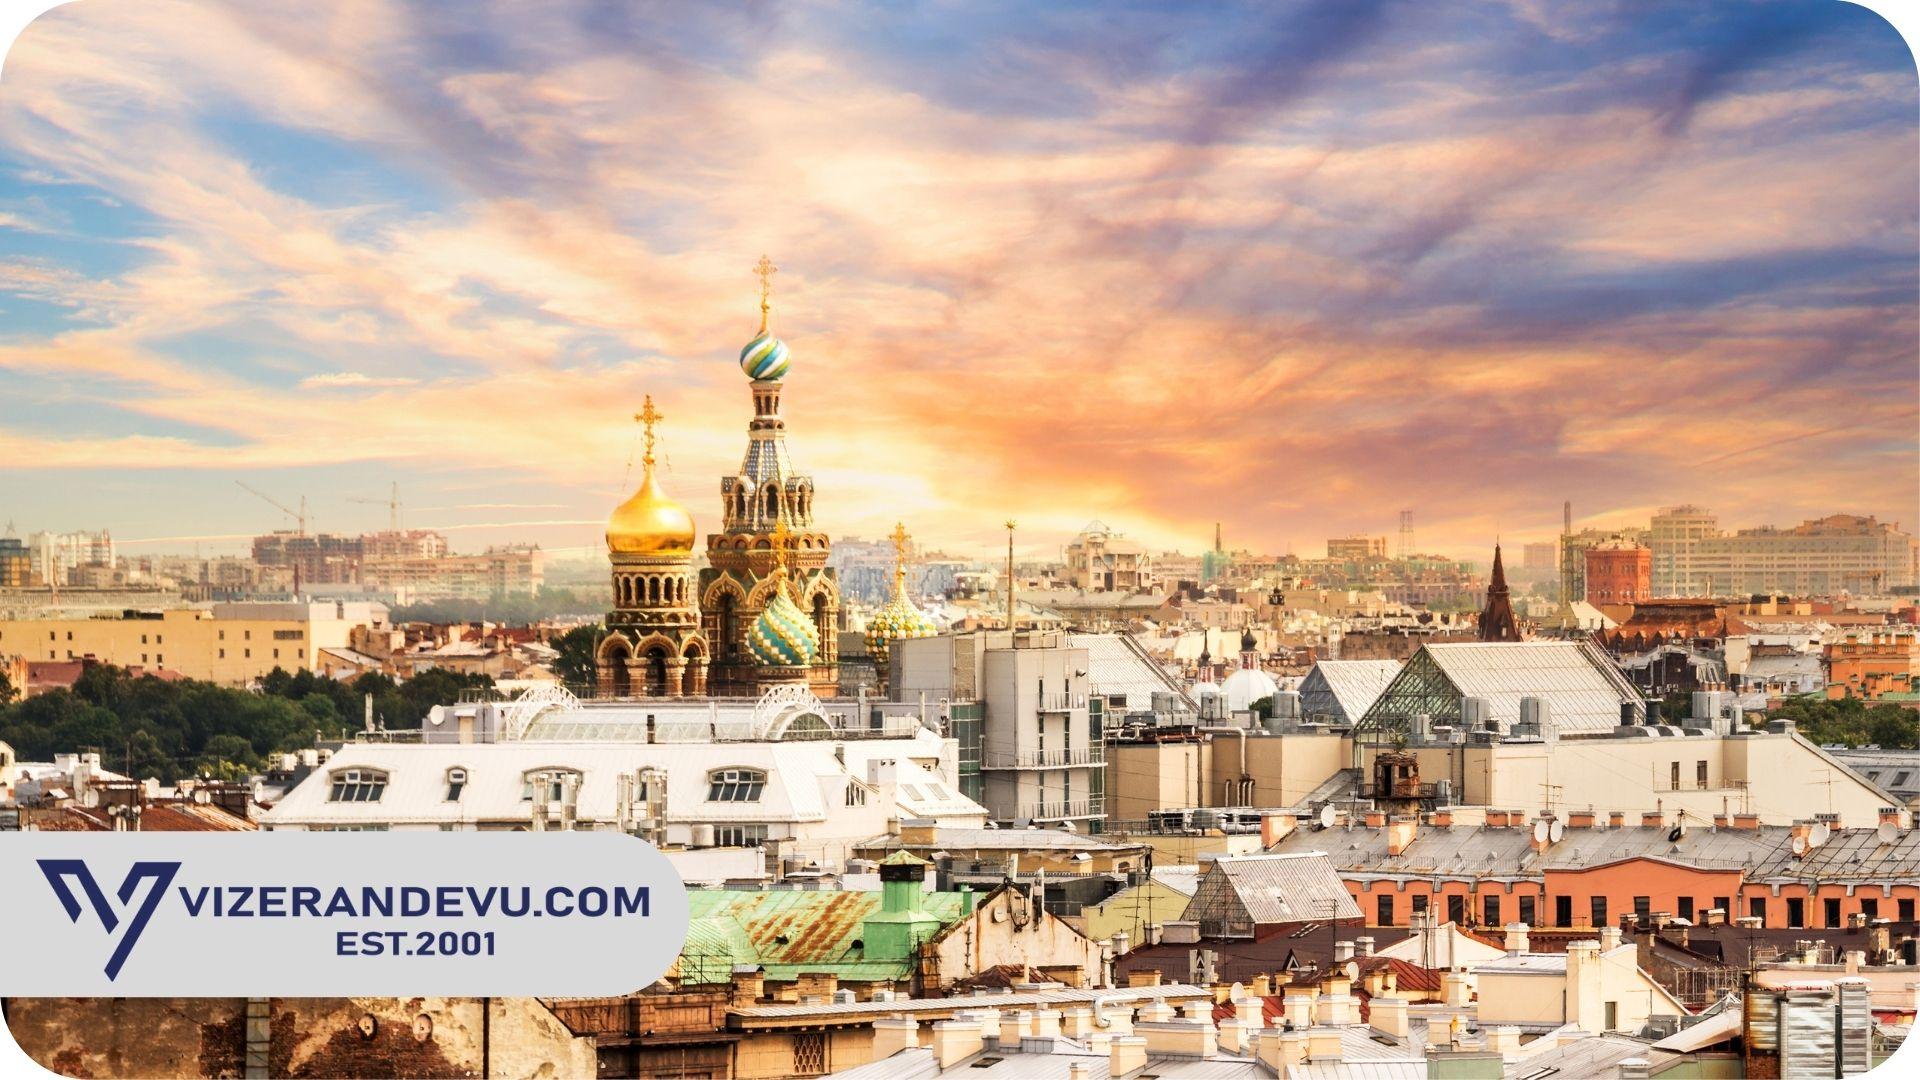 Rusya Vizesine Nasıl Başvurulur?